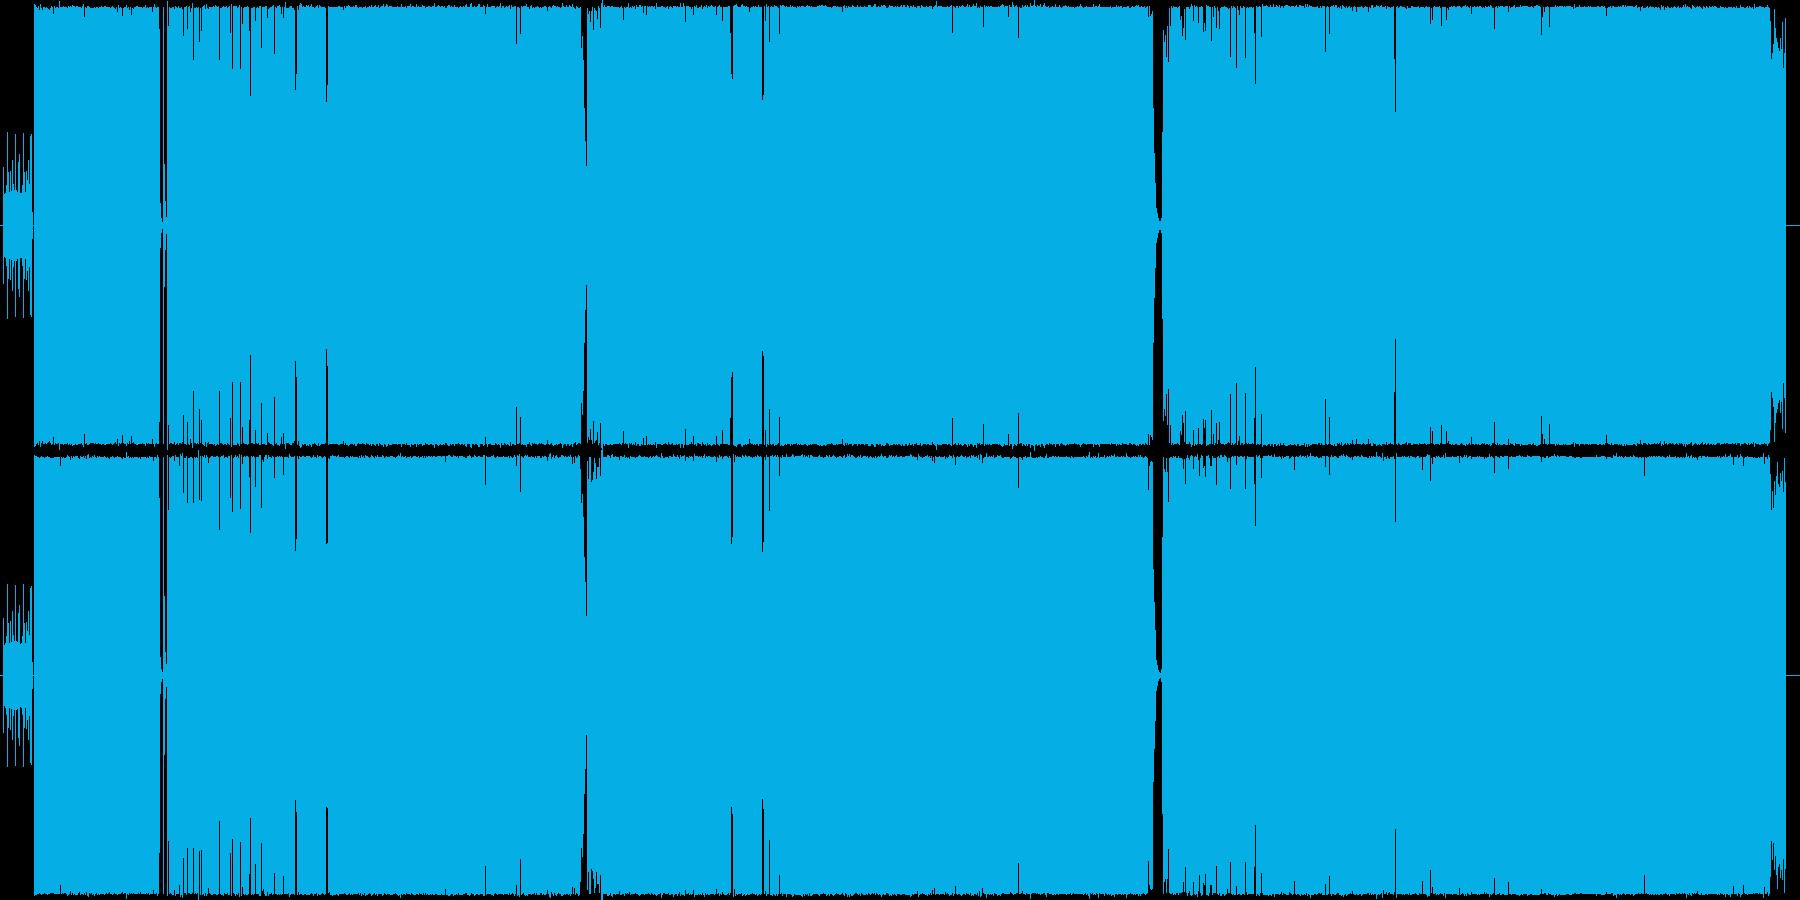 女性ボーカルによるヘビメタ風楽曲の再生済みの波形